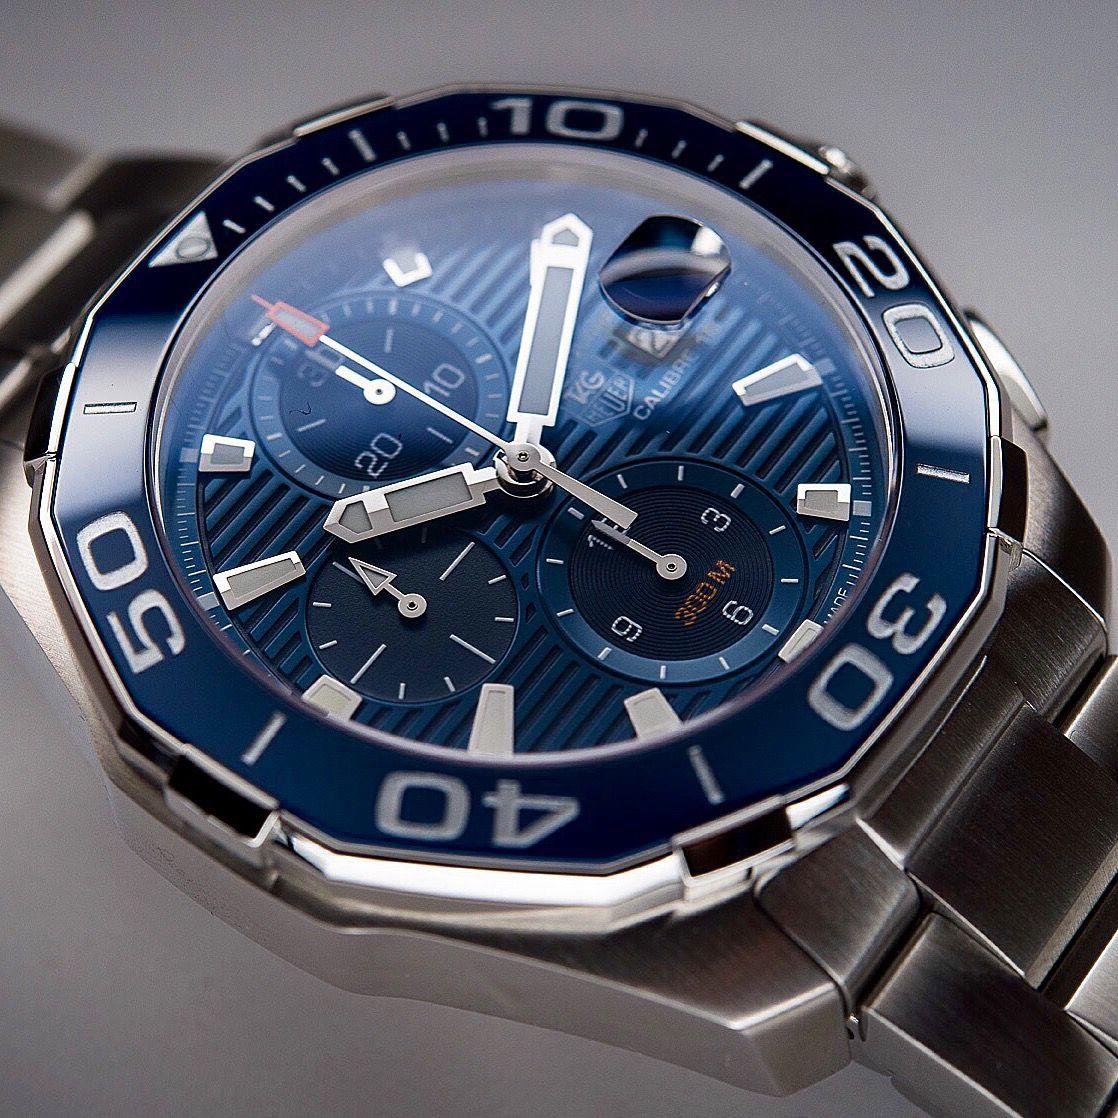 Tag Heuer Aquaracer Calibre 16 | Watches | Pinterest | Tag ...